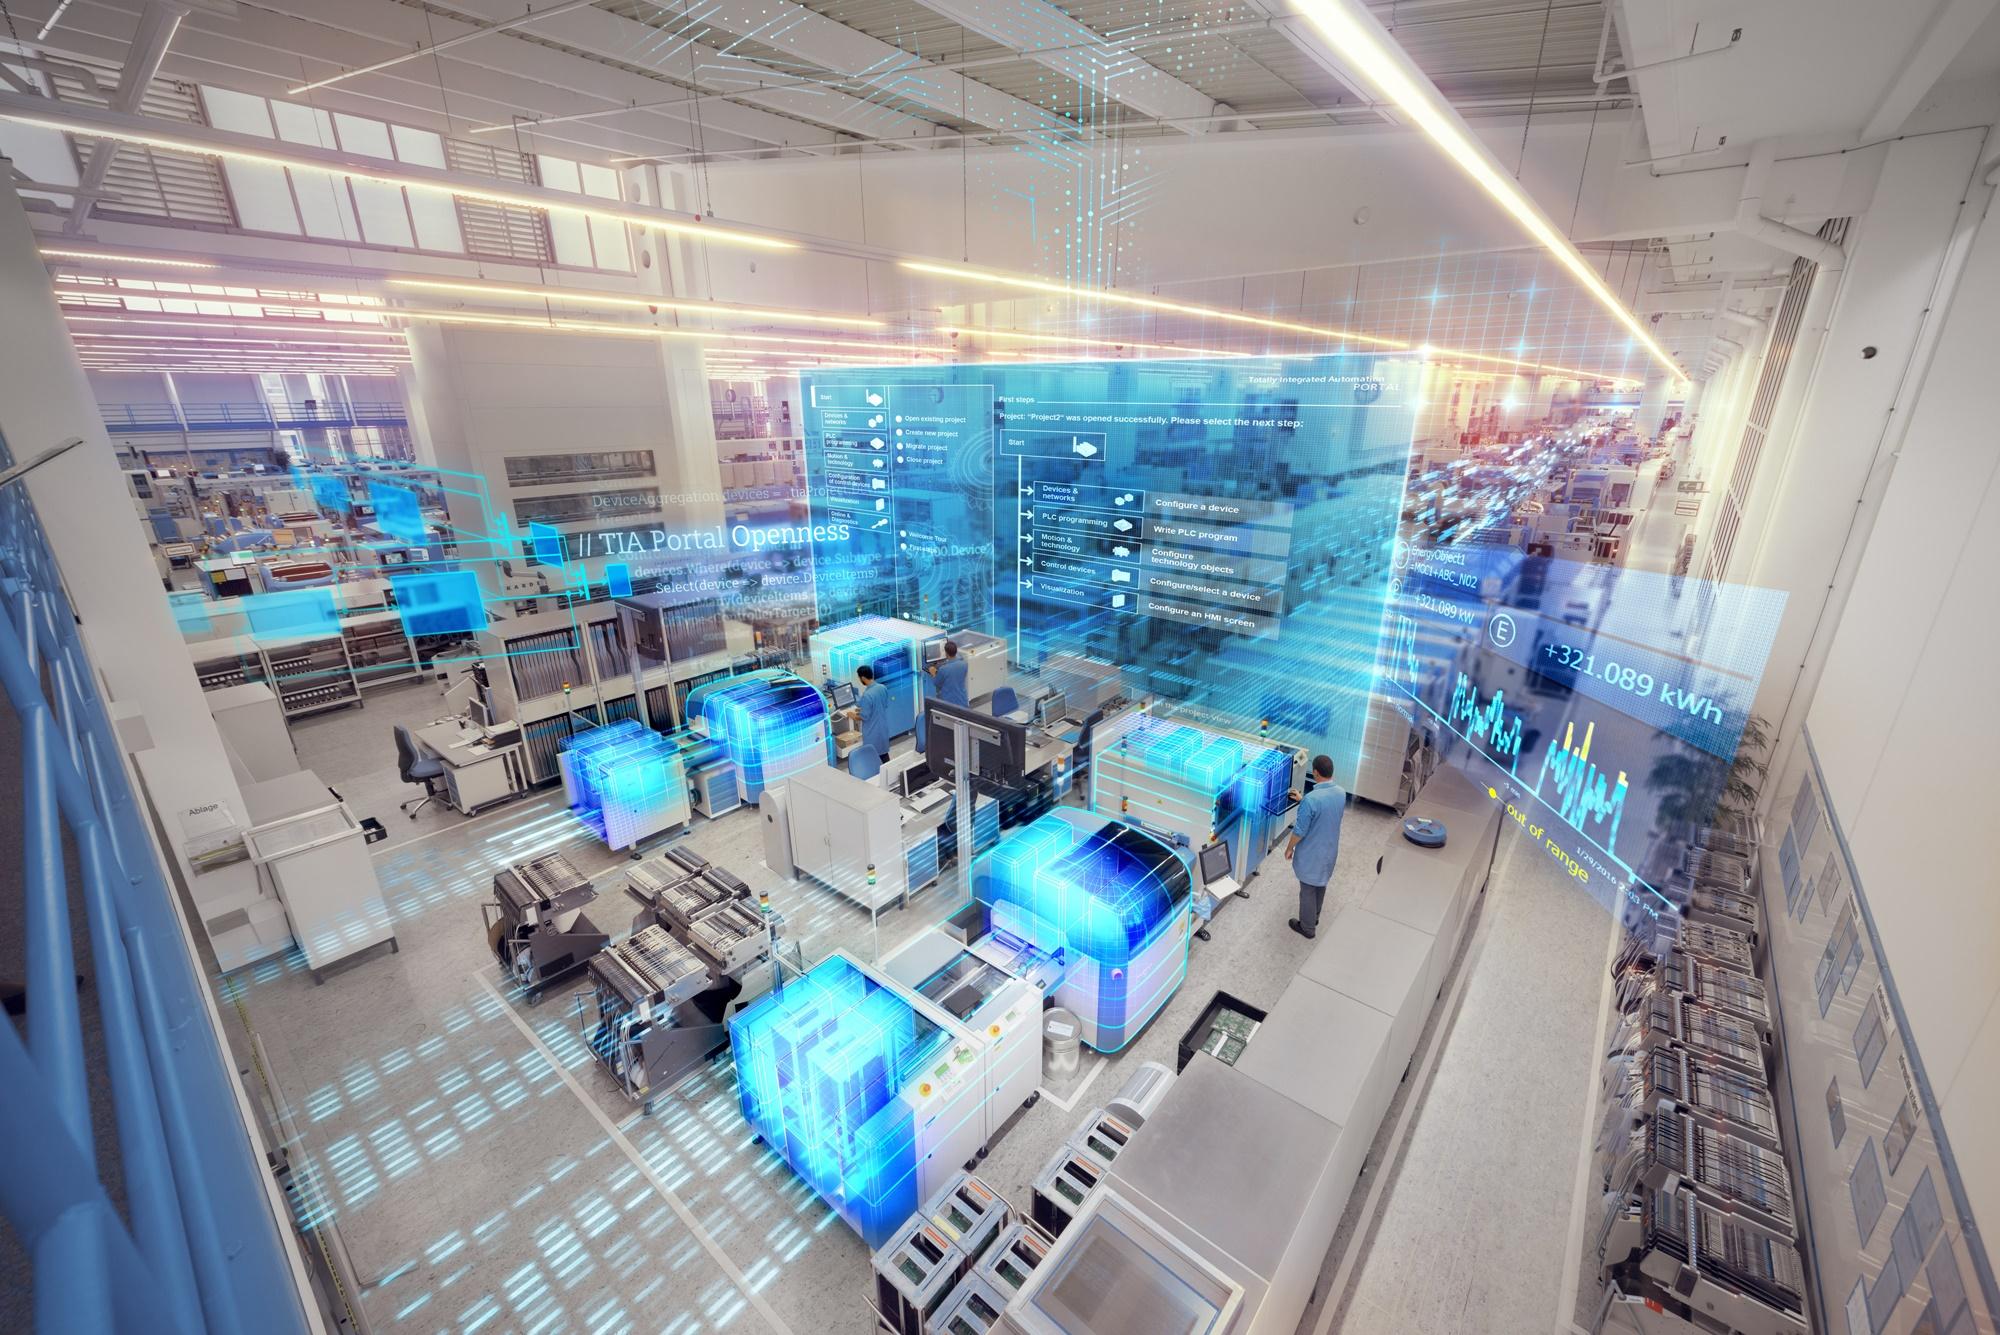 Fot. mat. pras. Siemens